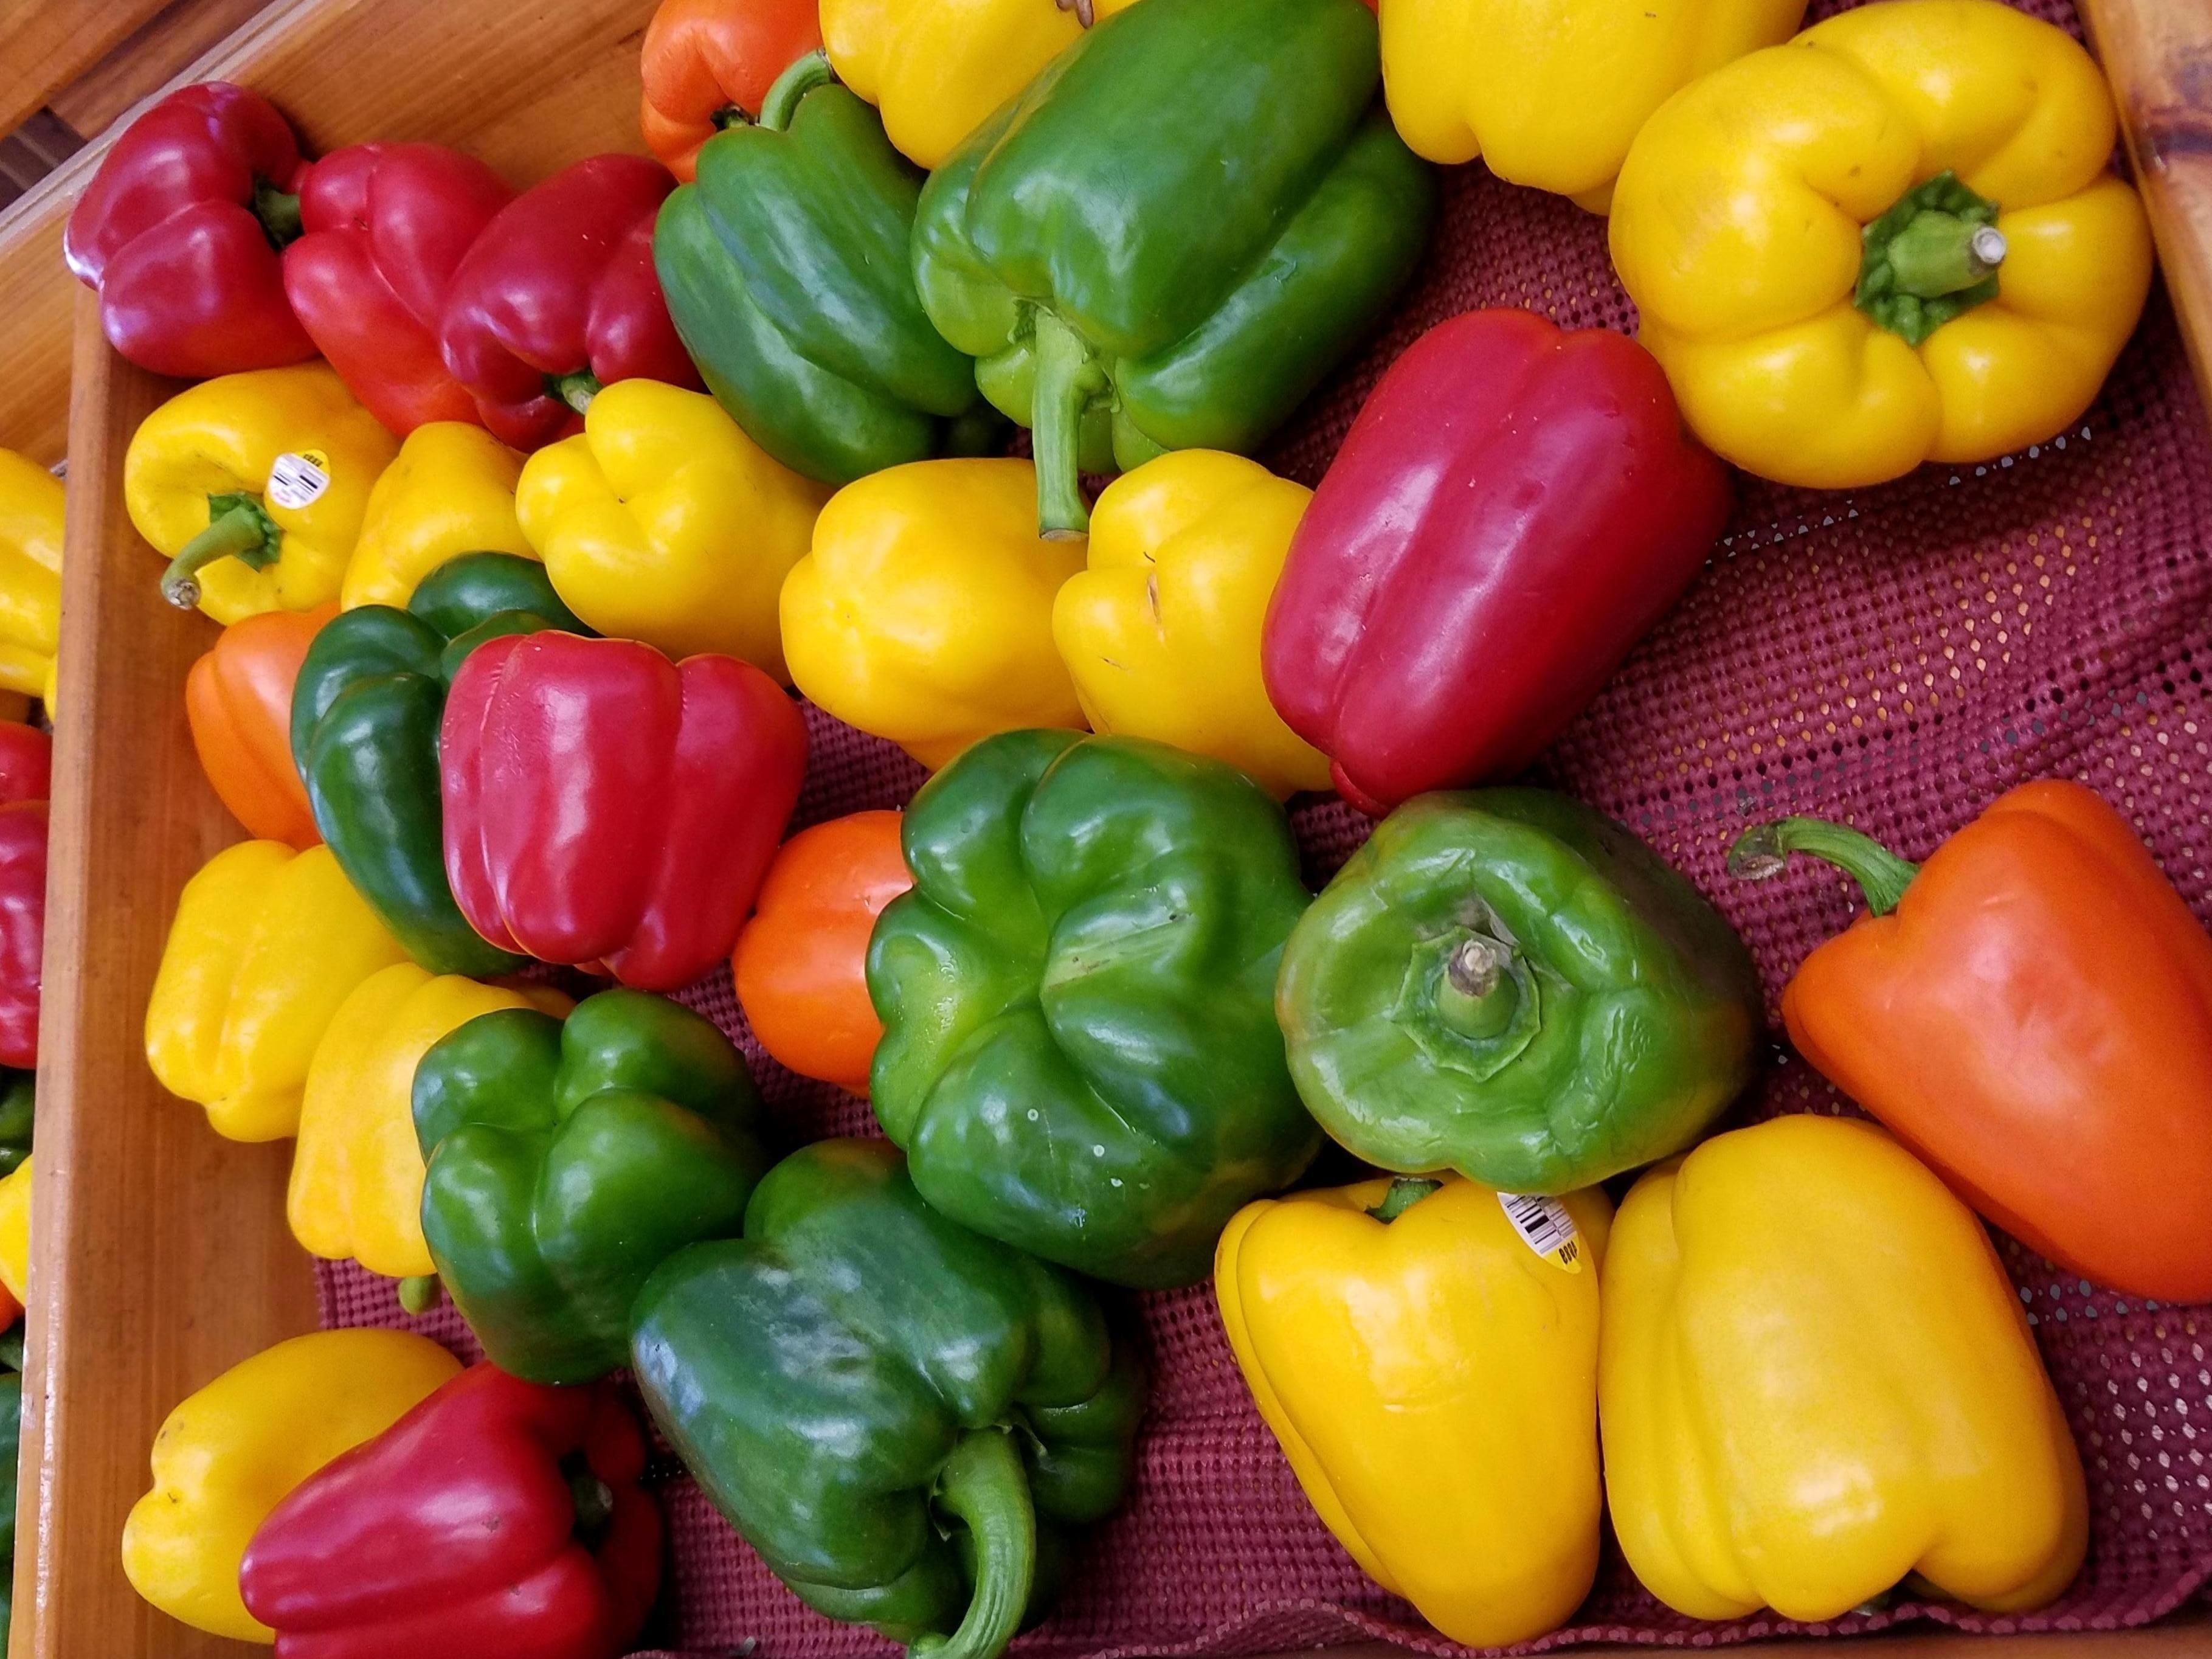 картинки про овощи большие что